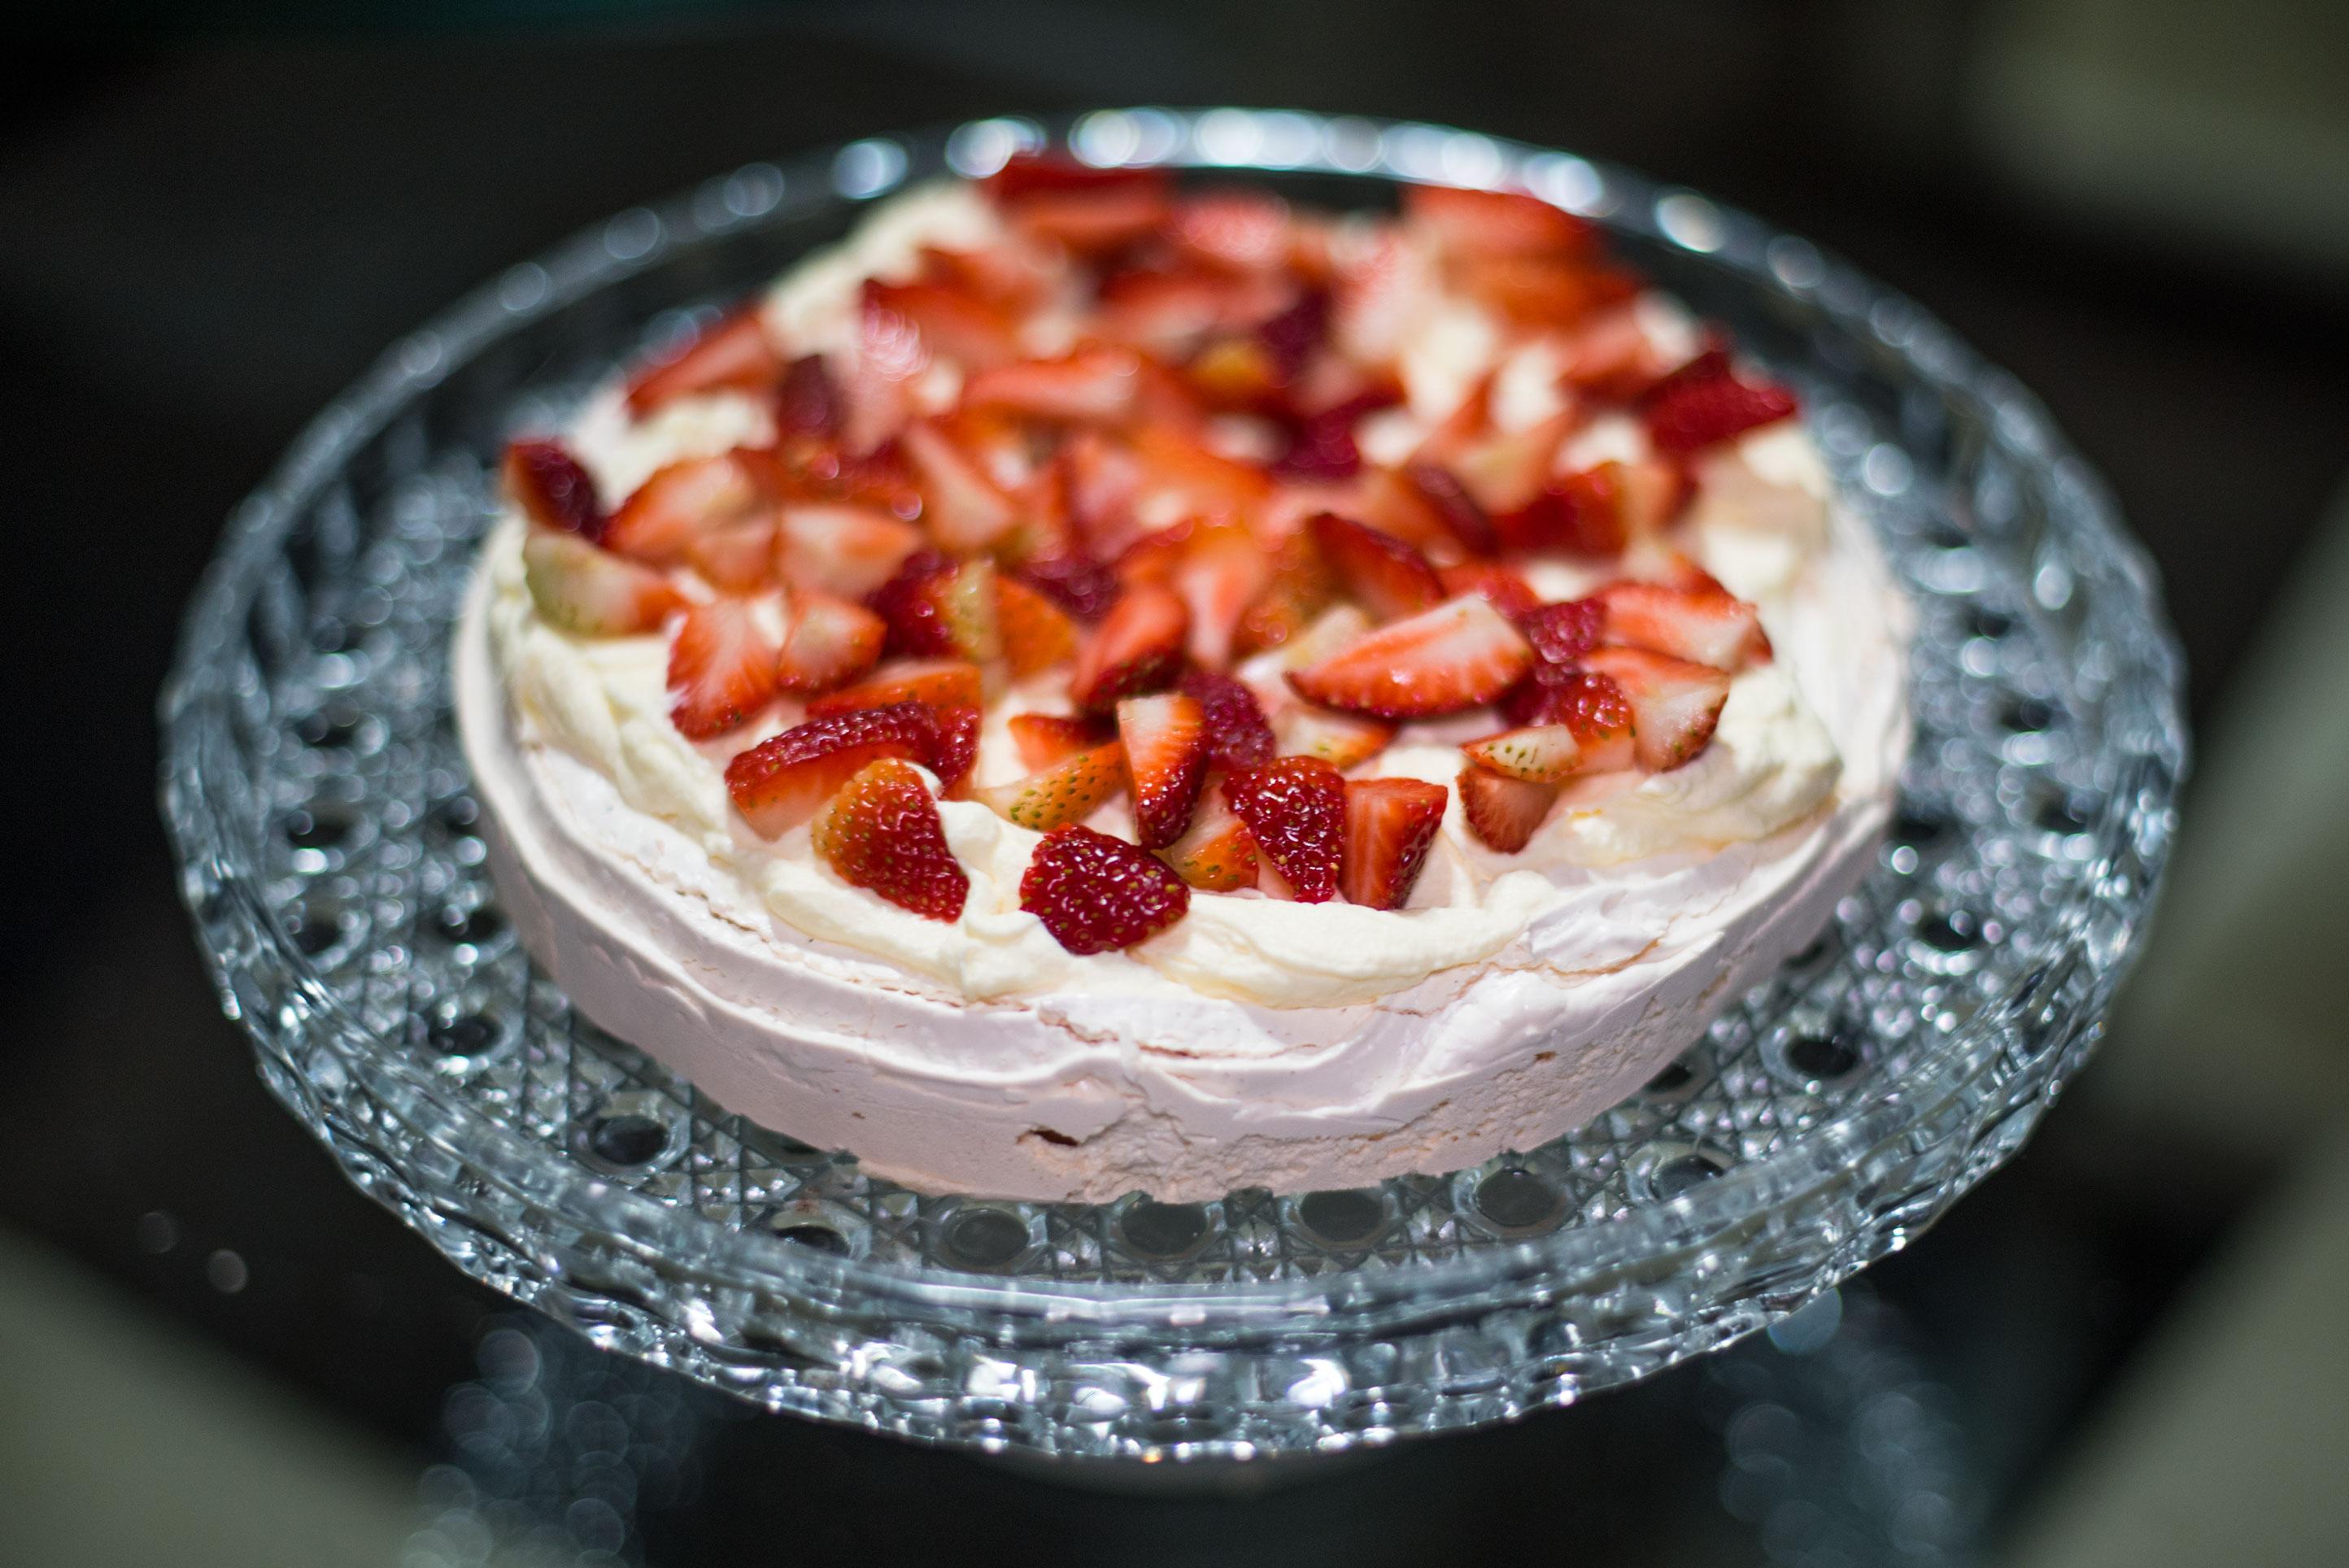 Receita de uma sobremesa deliciosa, feita apenas com suspiro (feito em casa), morangos e nata ou chatilly.